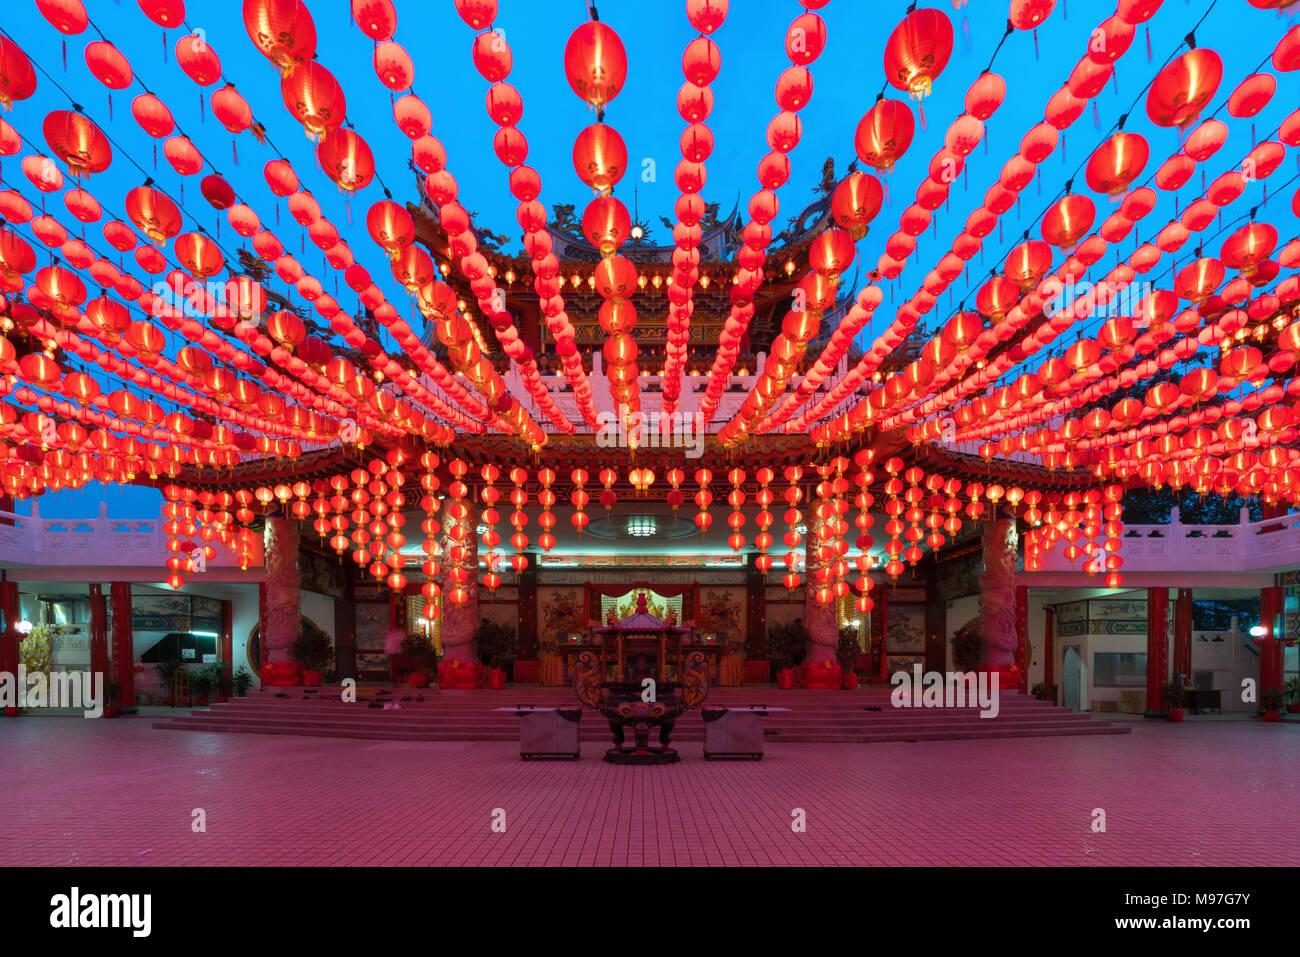 Linternas chinas tradicionales en el templo de Thean Hou display iluminado para la fiesta de año nuevo chino, Kuala Lumpur, Malasia. Foto de stock